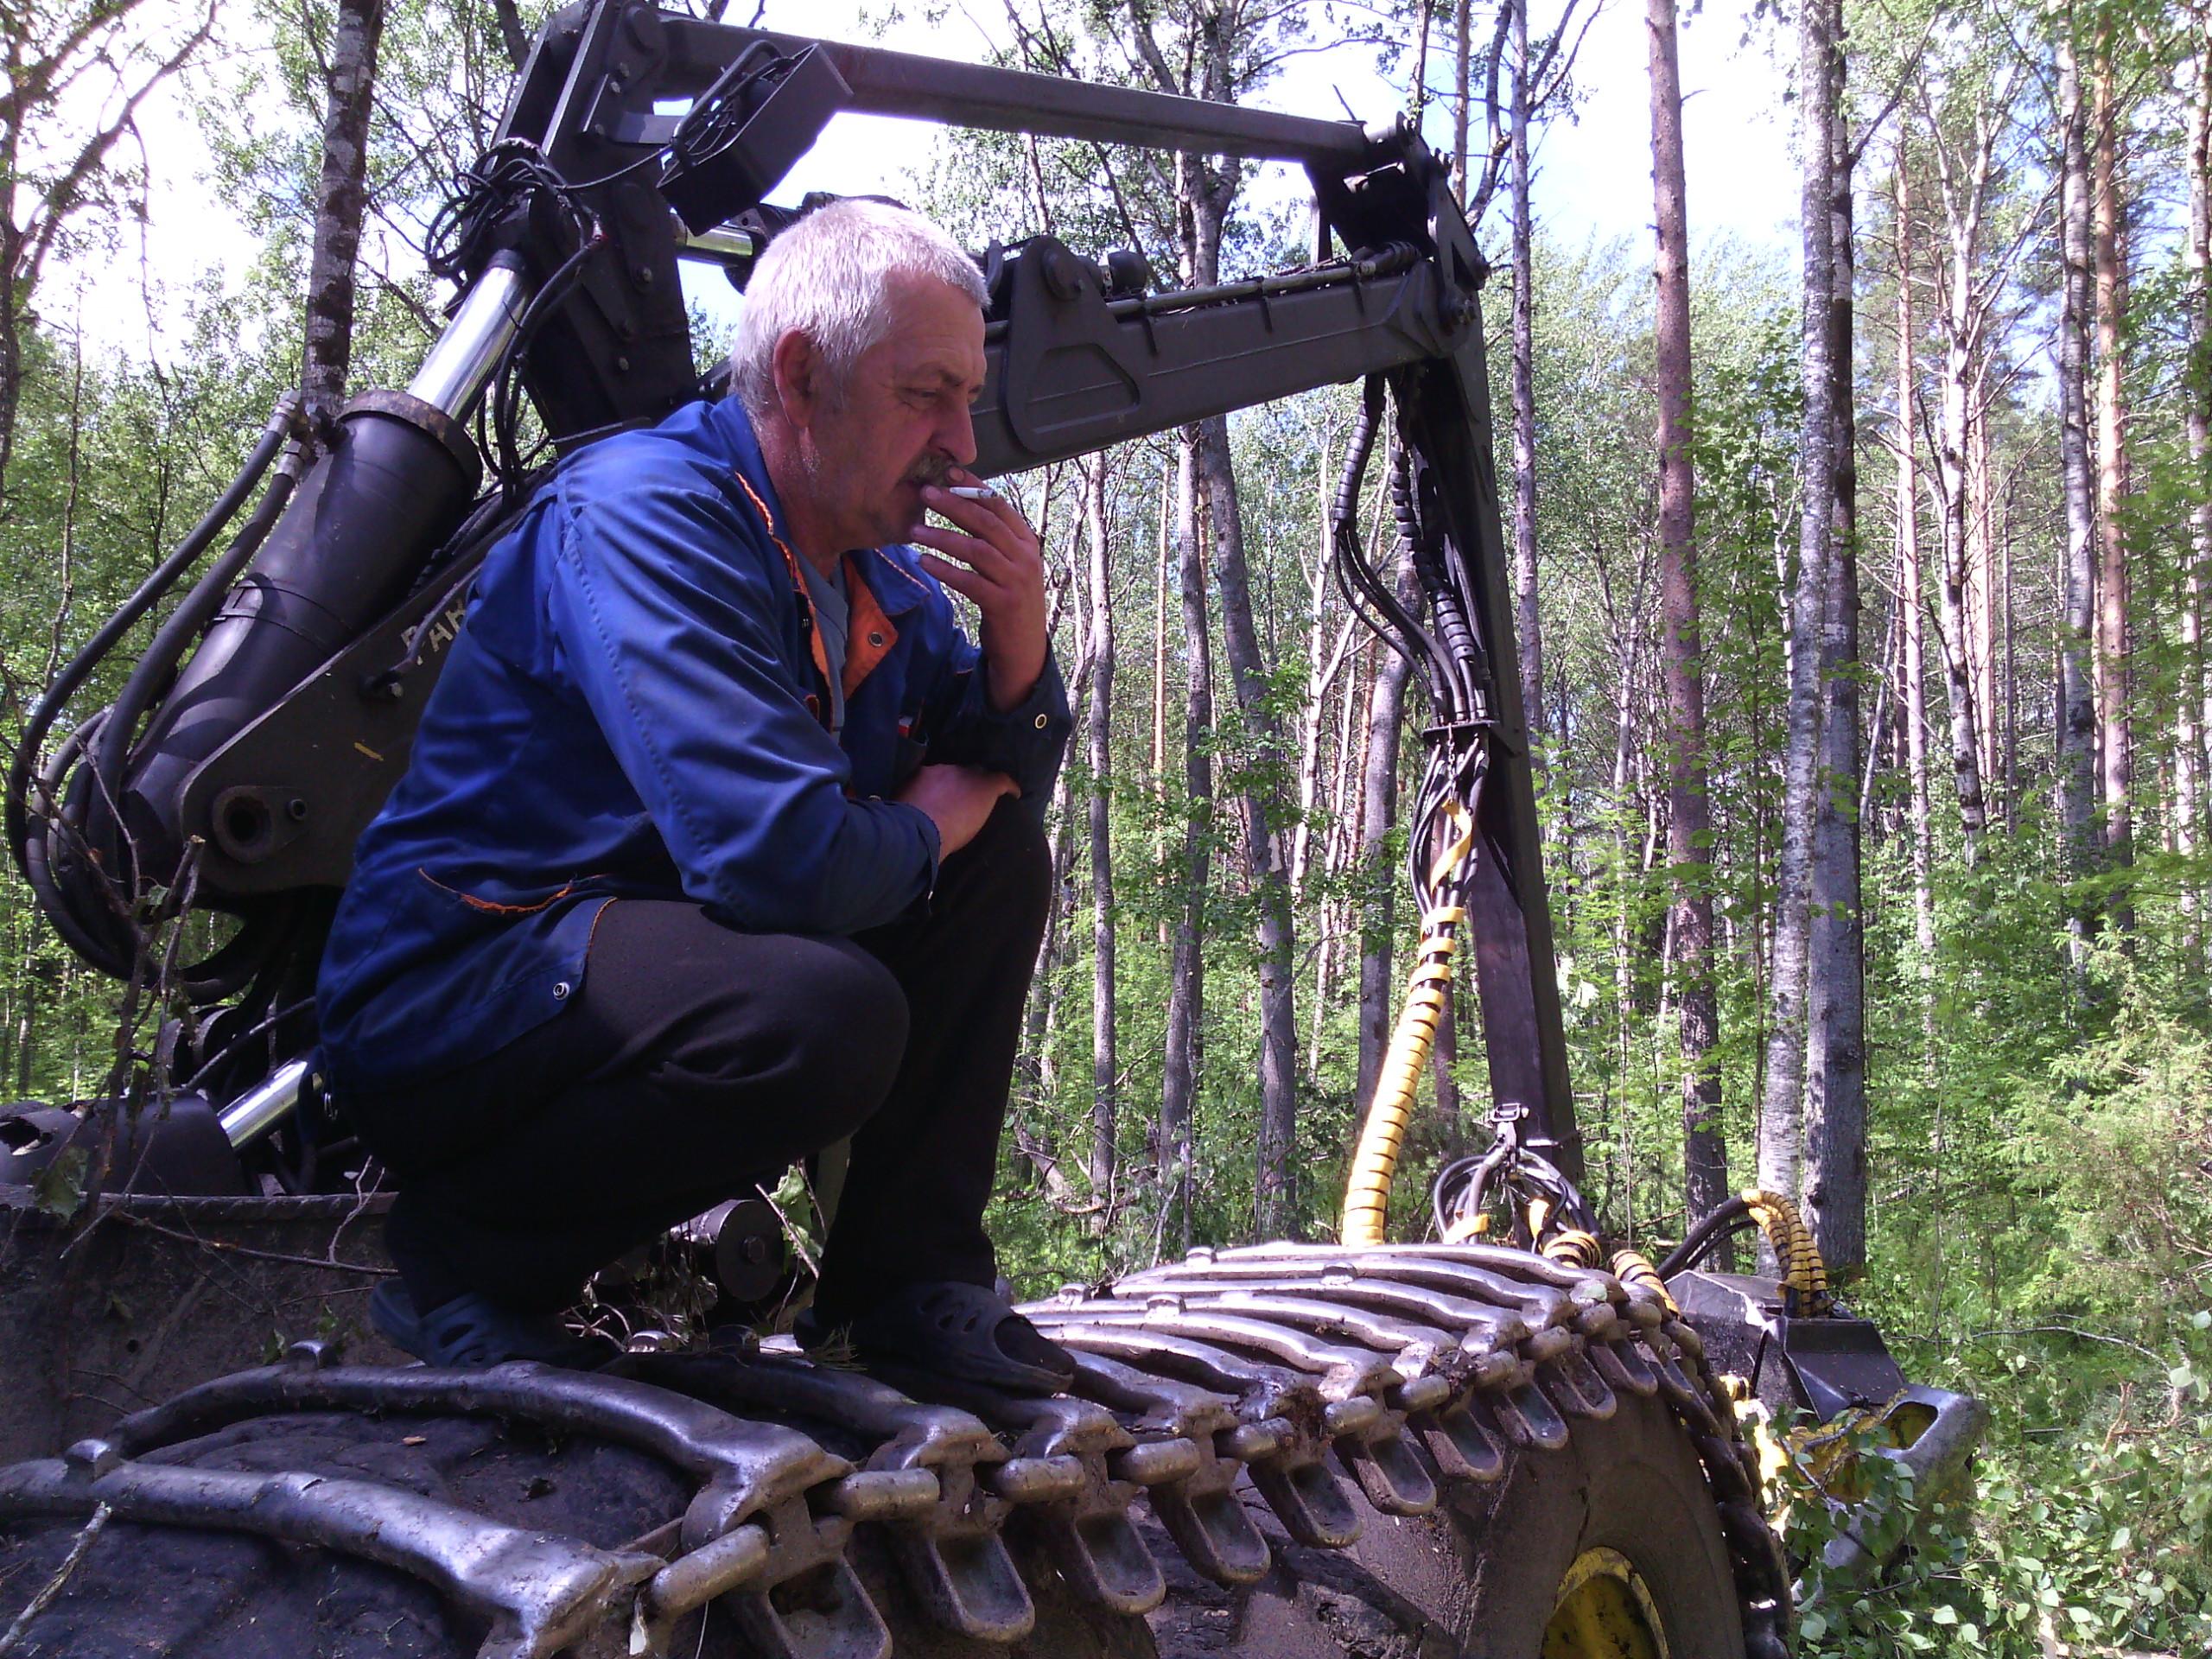 Оператора харвестера остановили жители деревни Суна, а не надзорные органы. Фото: Валерий Поташов